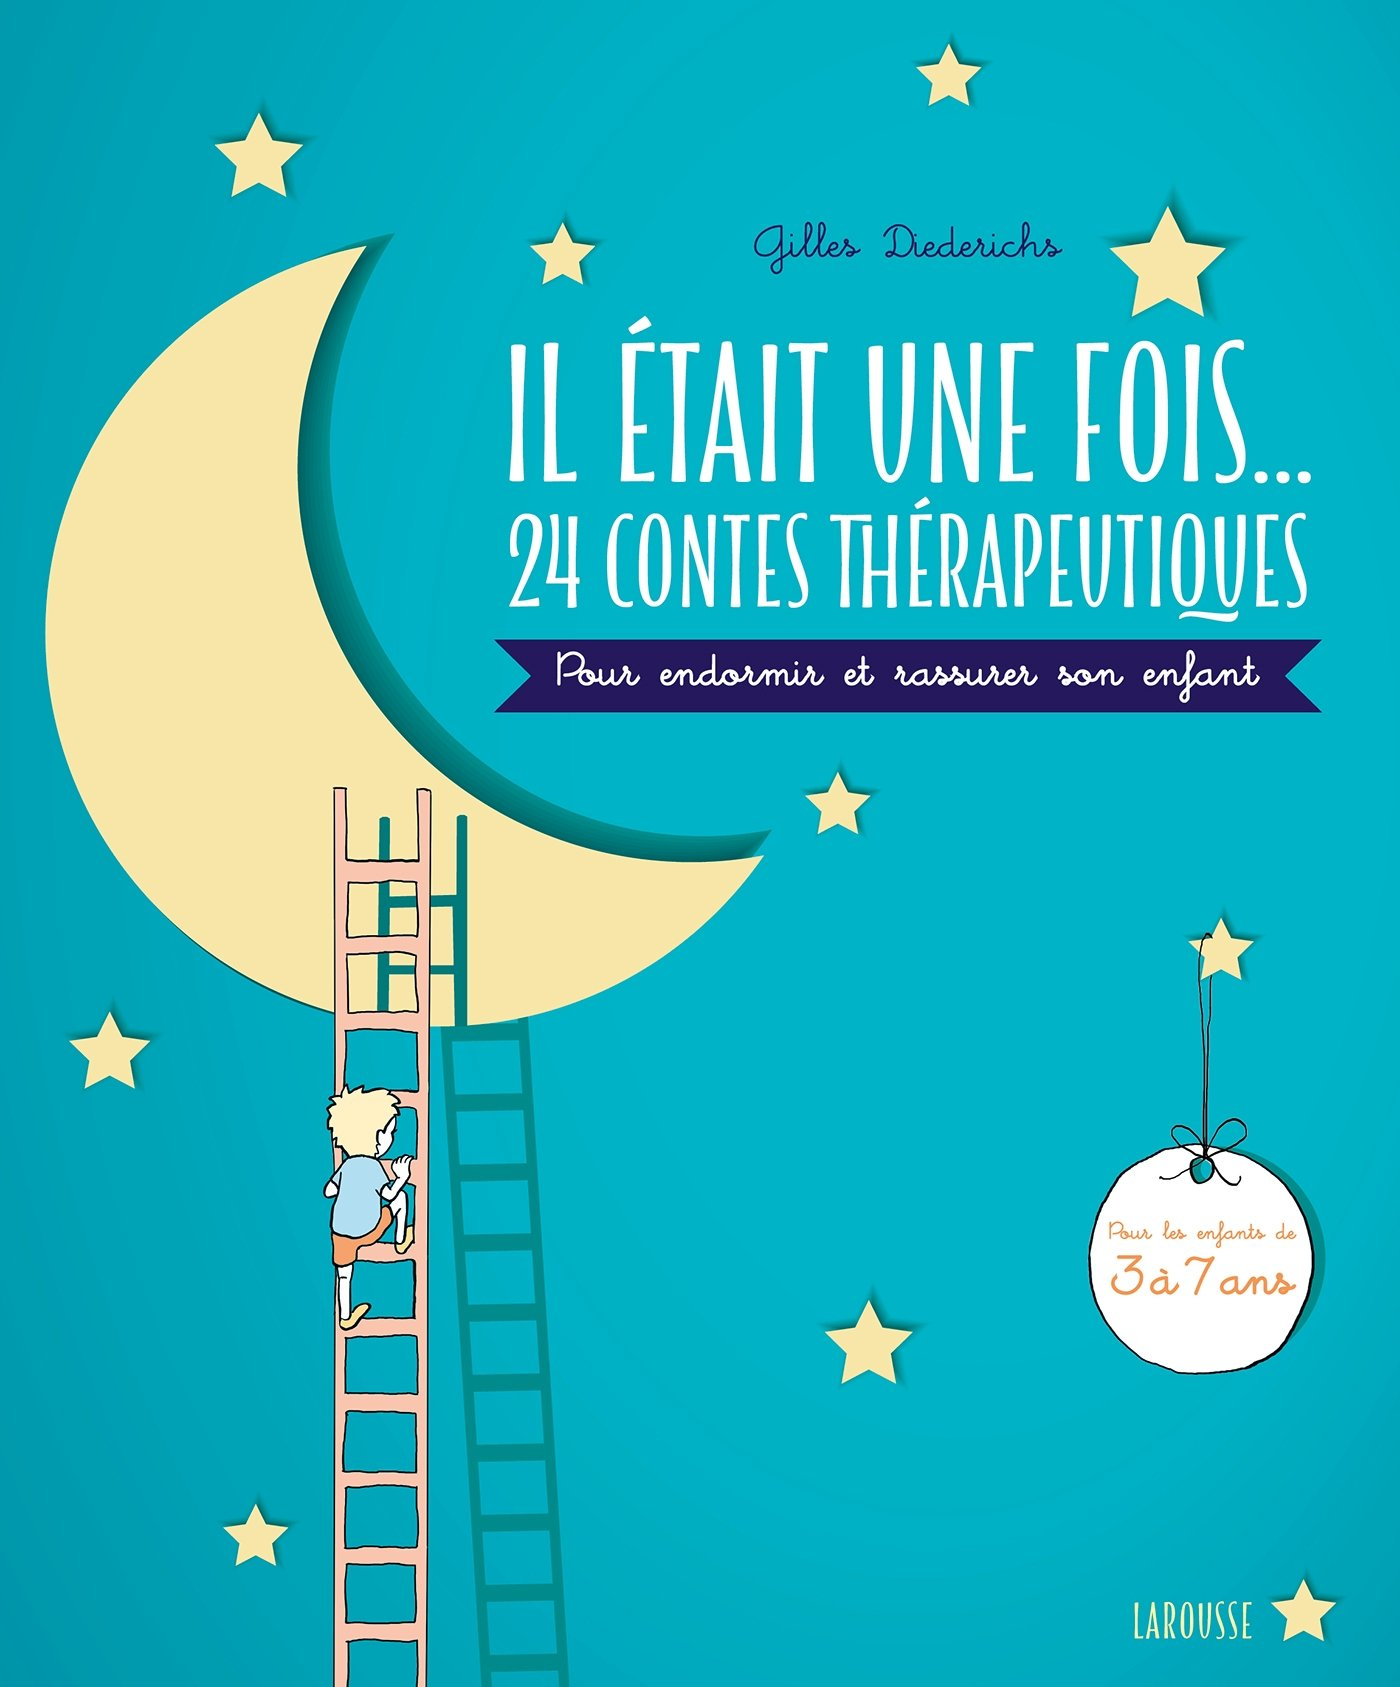 24 contes thérapeutiques pour aider les enfants à s'endormir